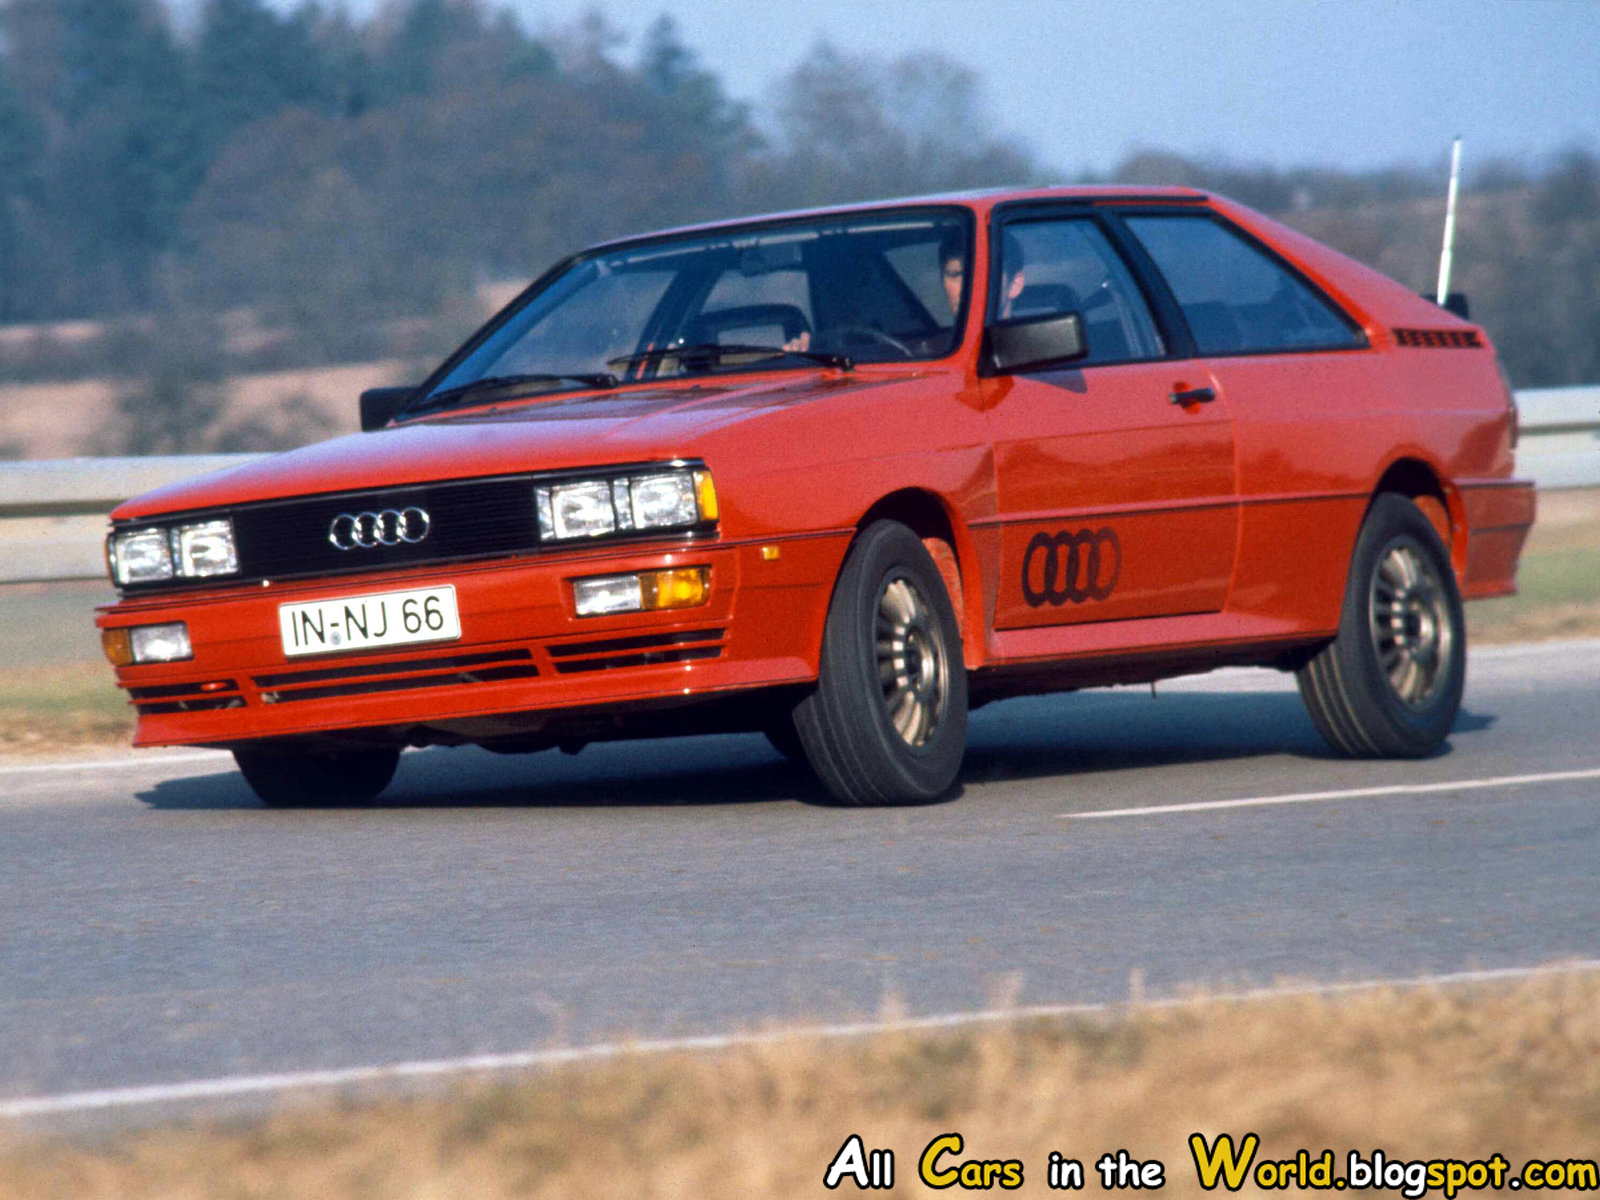 http://2.bp.blogspot.com/-p6Kwrr-z7GQ/UEzUyjsdchI/AAAAAAAADIU/9cycKYU9HV0/s1600/Audi-quattro_1980_1600x1200_wallpaper_01.jpg